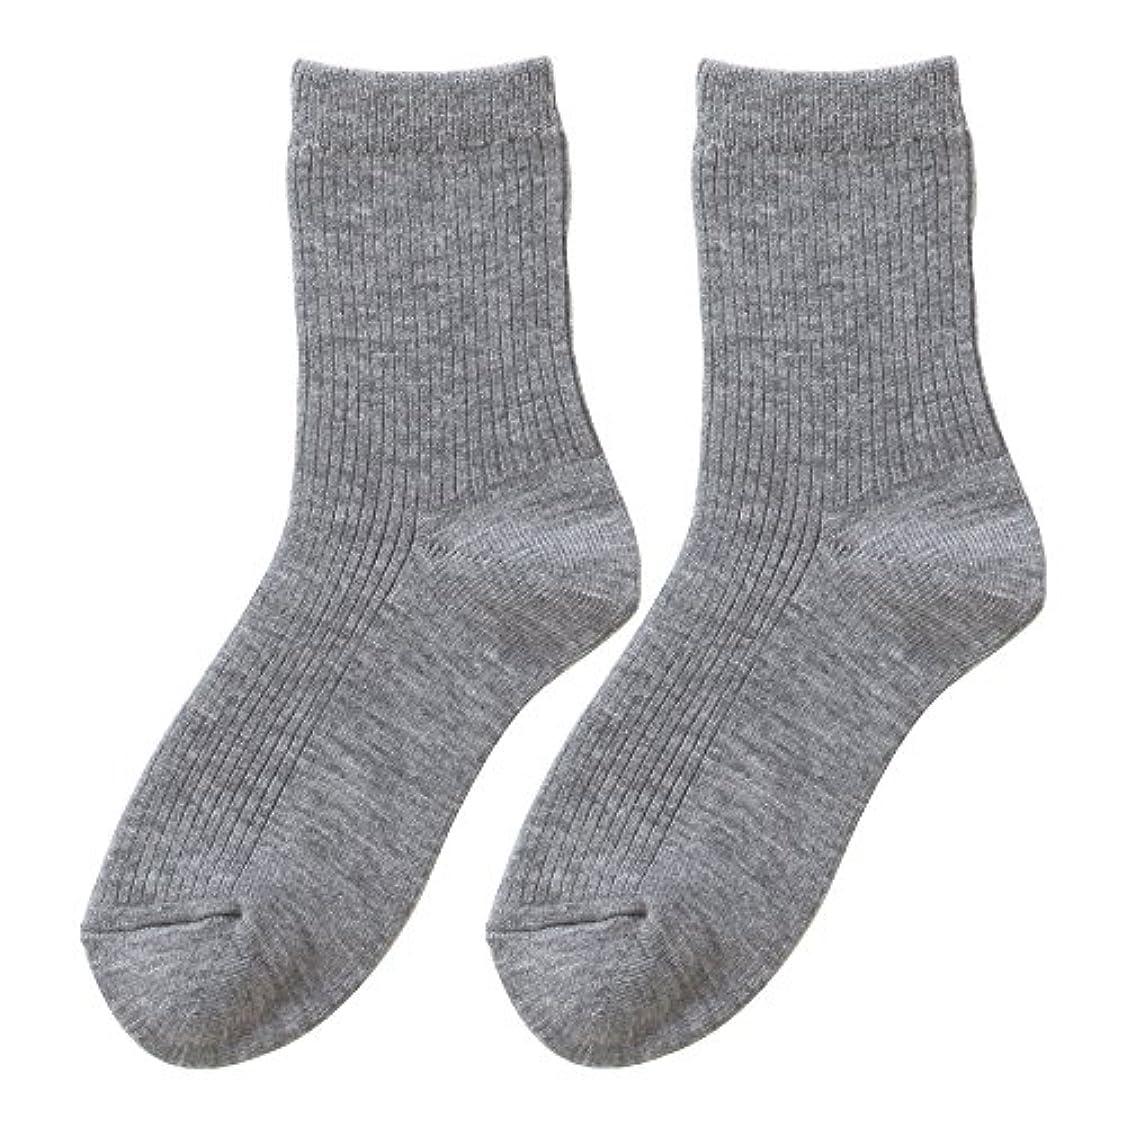 やがて情熱的試験ひだまり ダブルソックス 婦人用 靴下[22~24cm] グレー